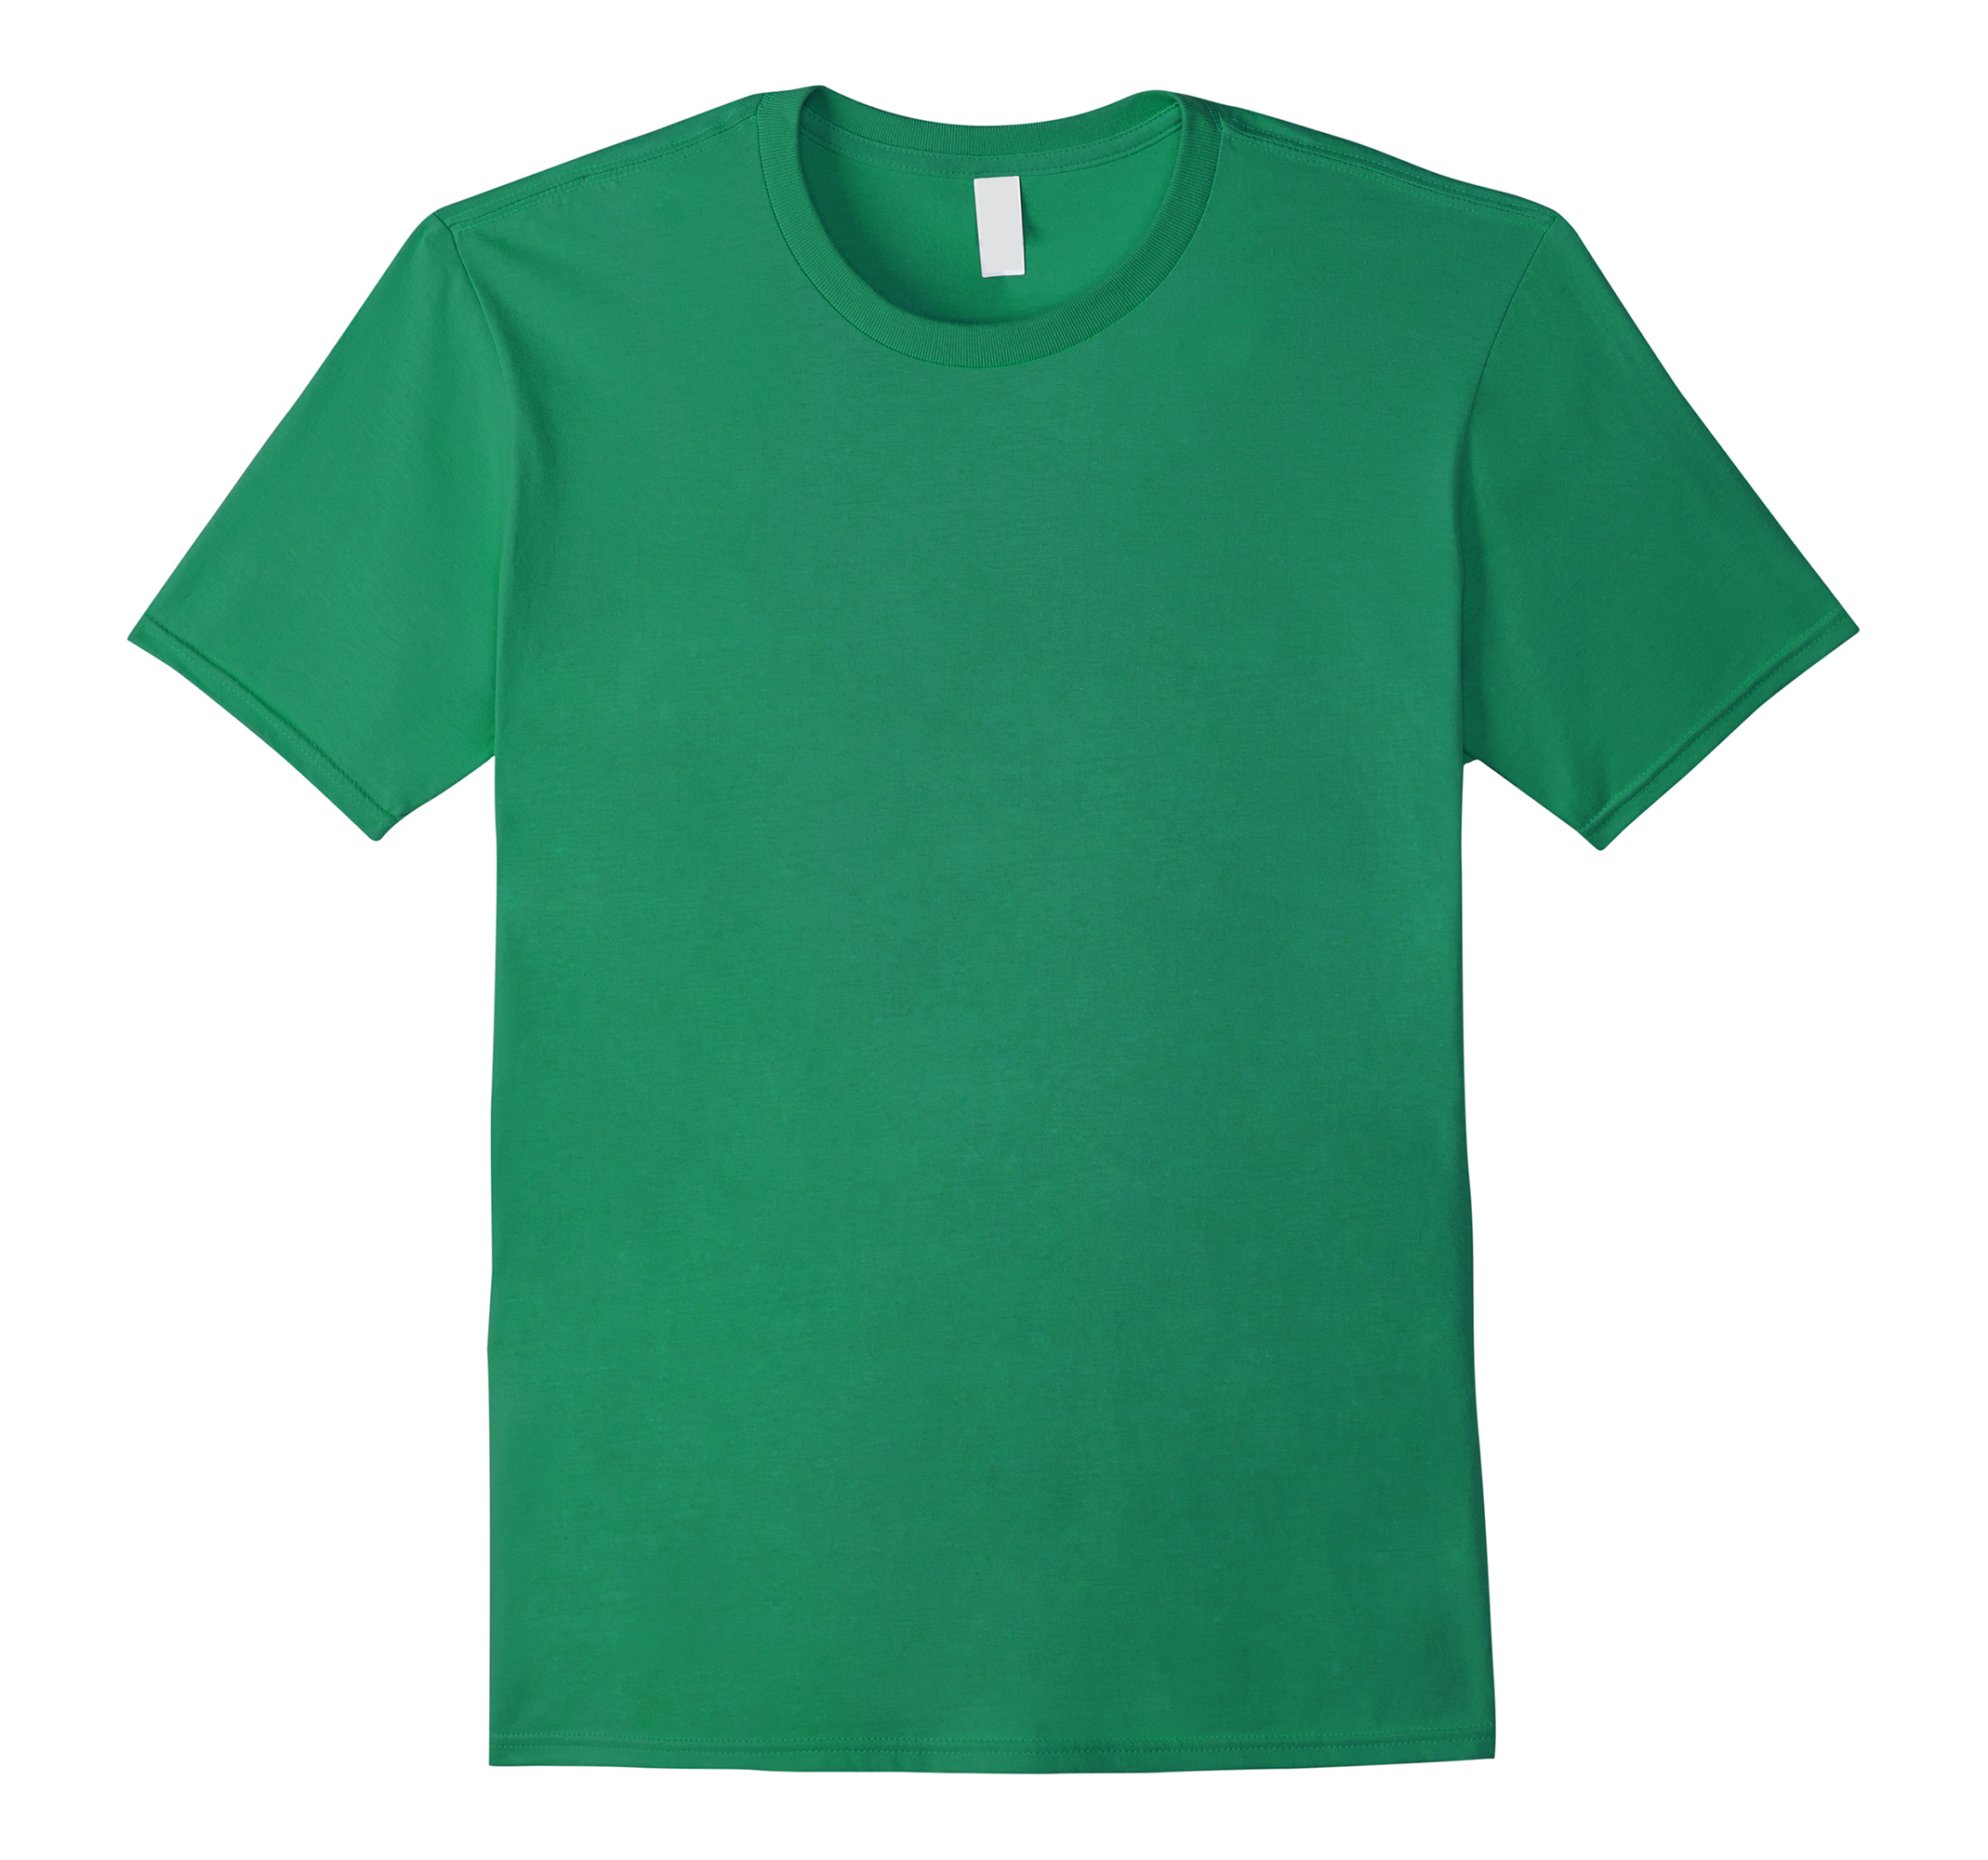 Shamrock Boobies Irish St Patricks Day Funny T Shirt Irish Paddy Top Ireland